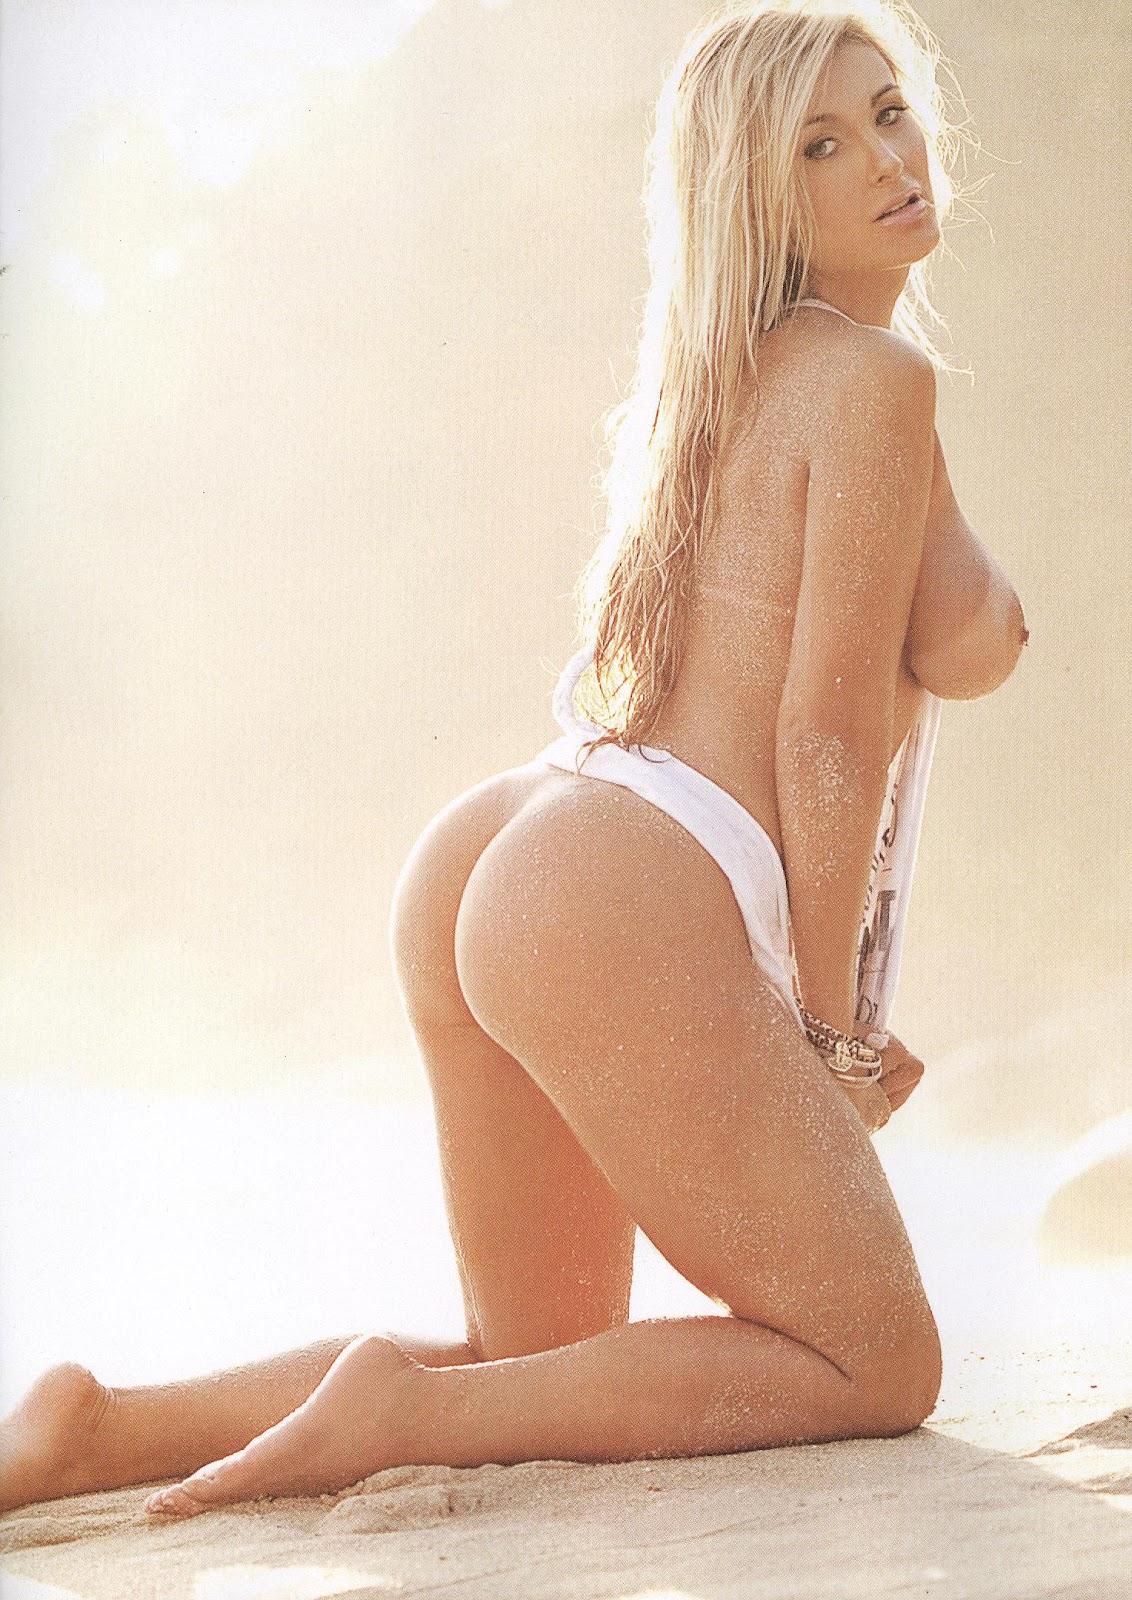 Veja As Fotos De Andressa Urach Nua Em Ensaio Para Revista Sey